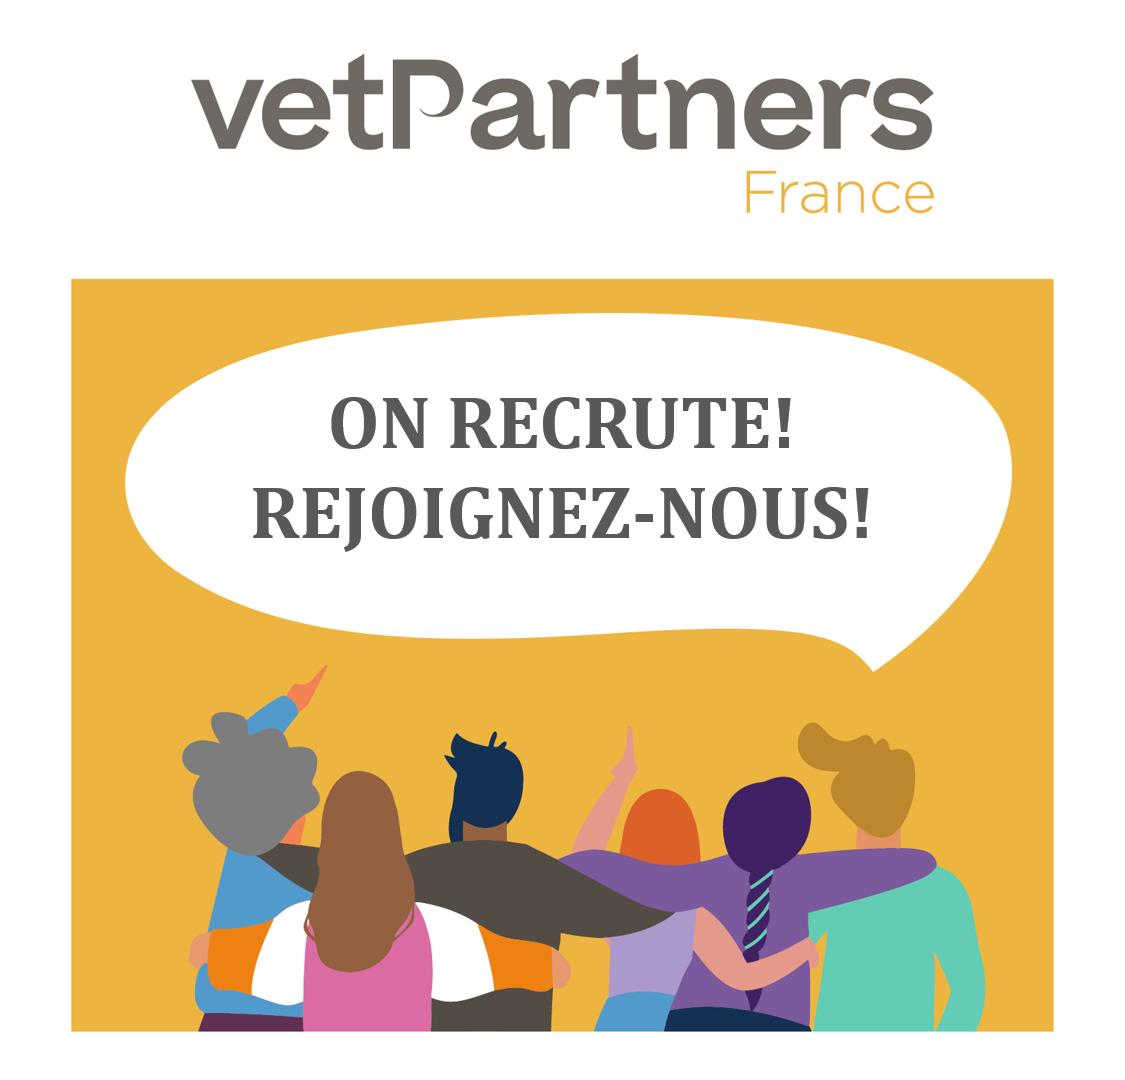 La filiale France de VetPartners recherche, dans le cadre de son développement rapide, un.e Responsable Digital.